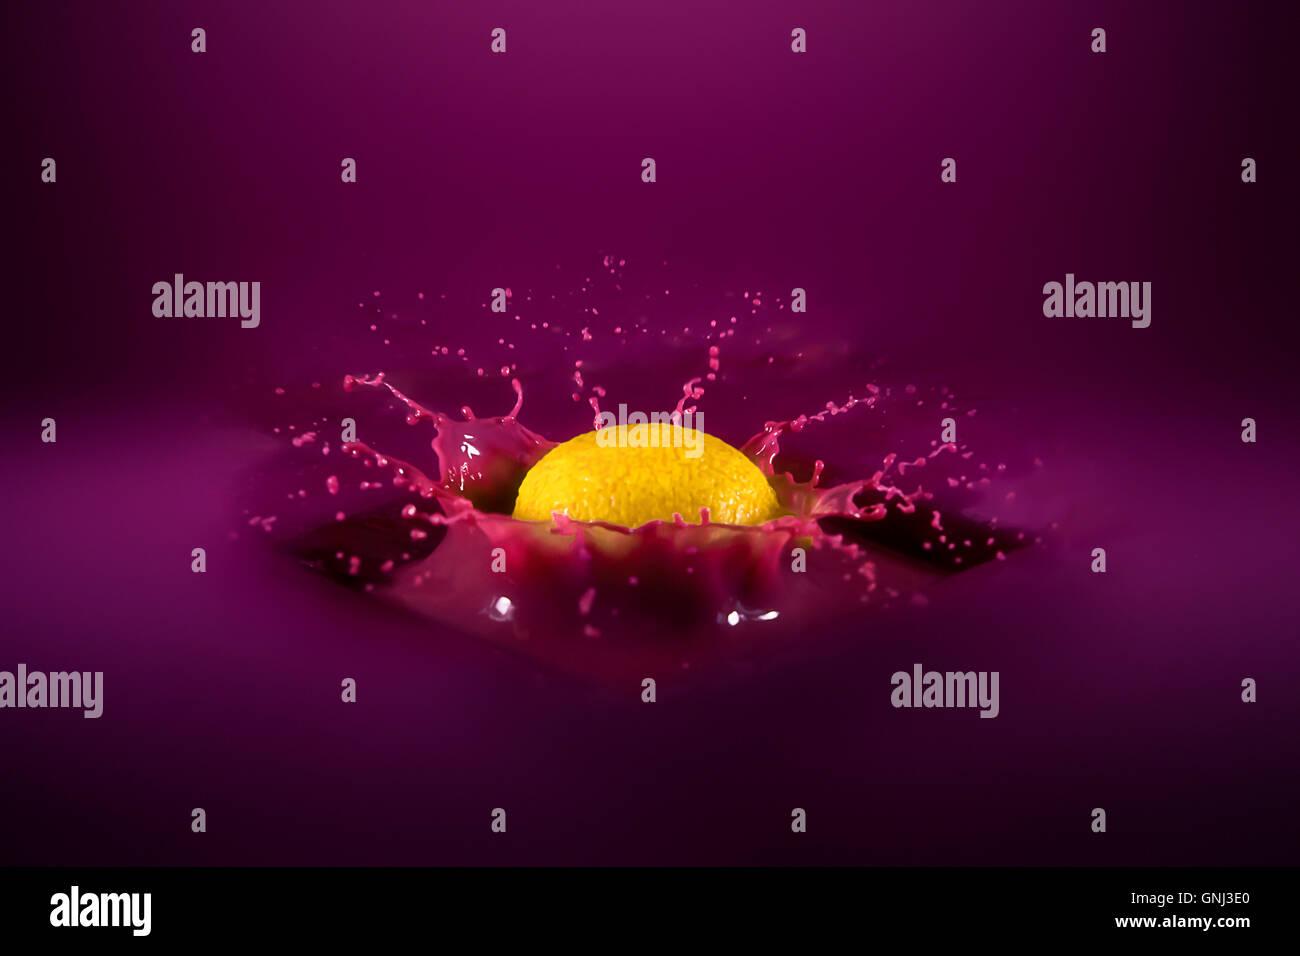 Les projections dans Citron liquide violet Photo Stock